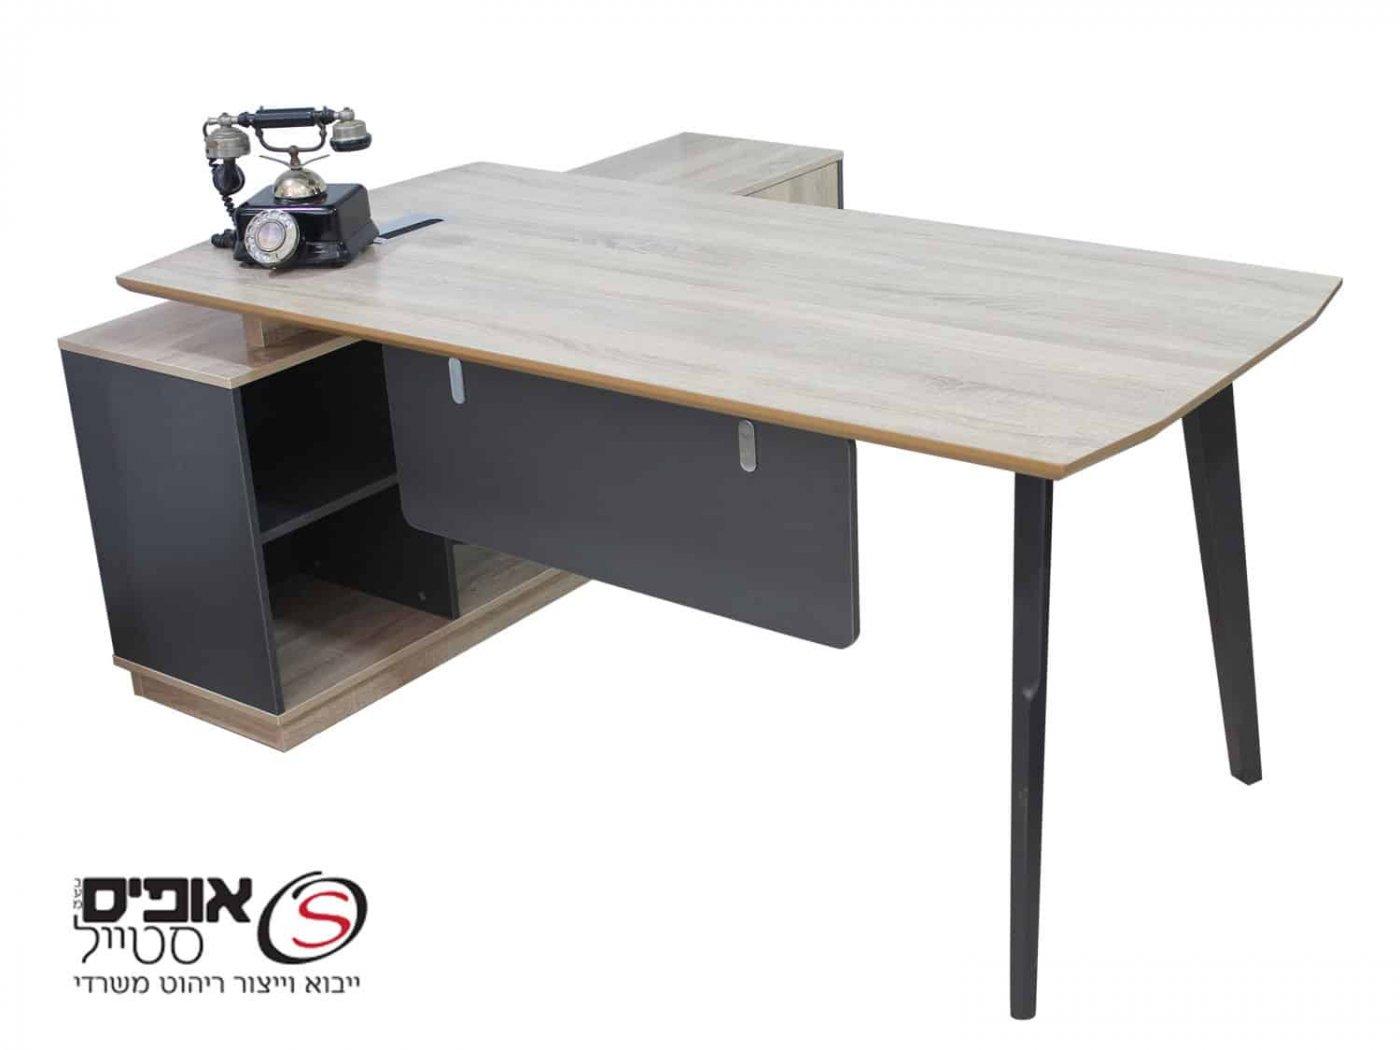 שולחן מנהלים דגם רומא